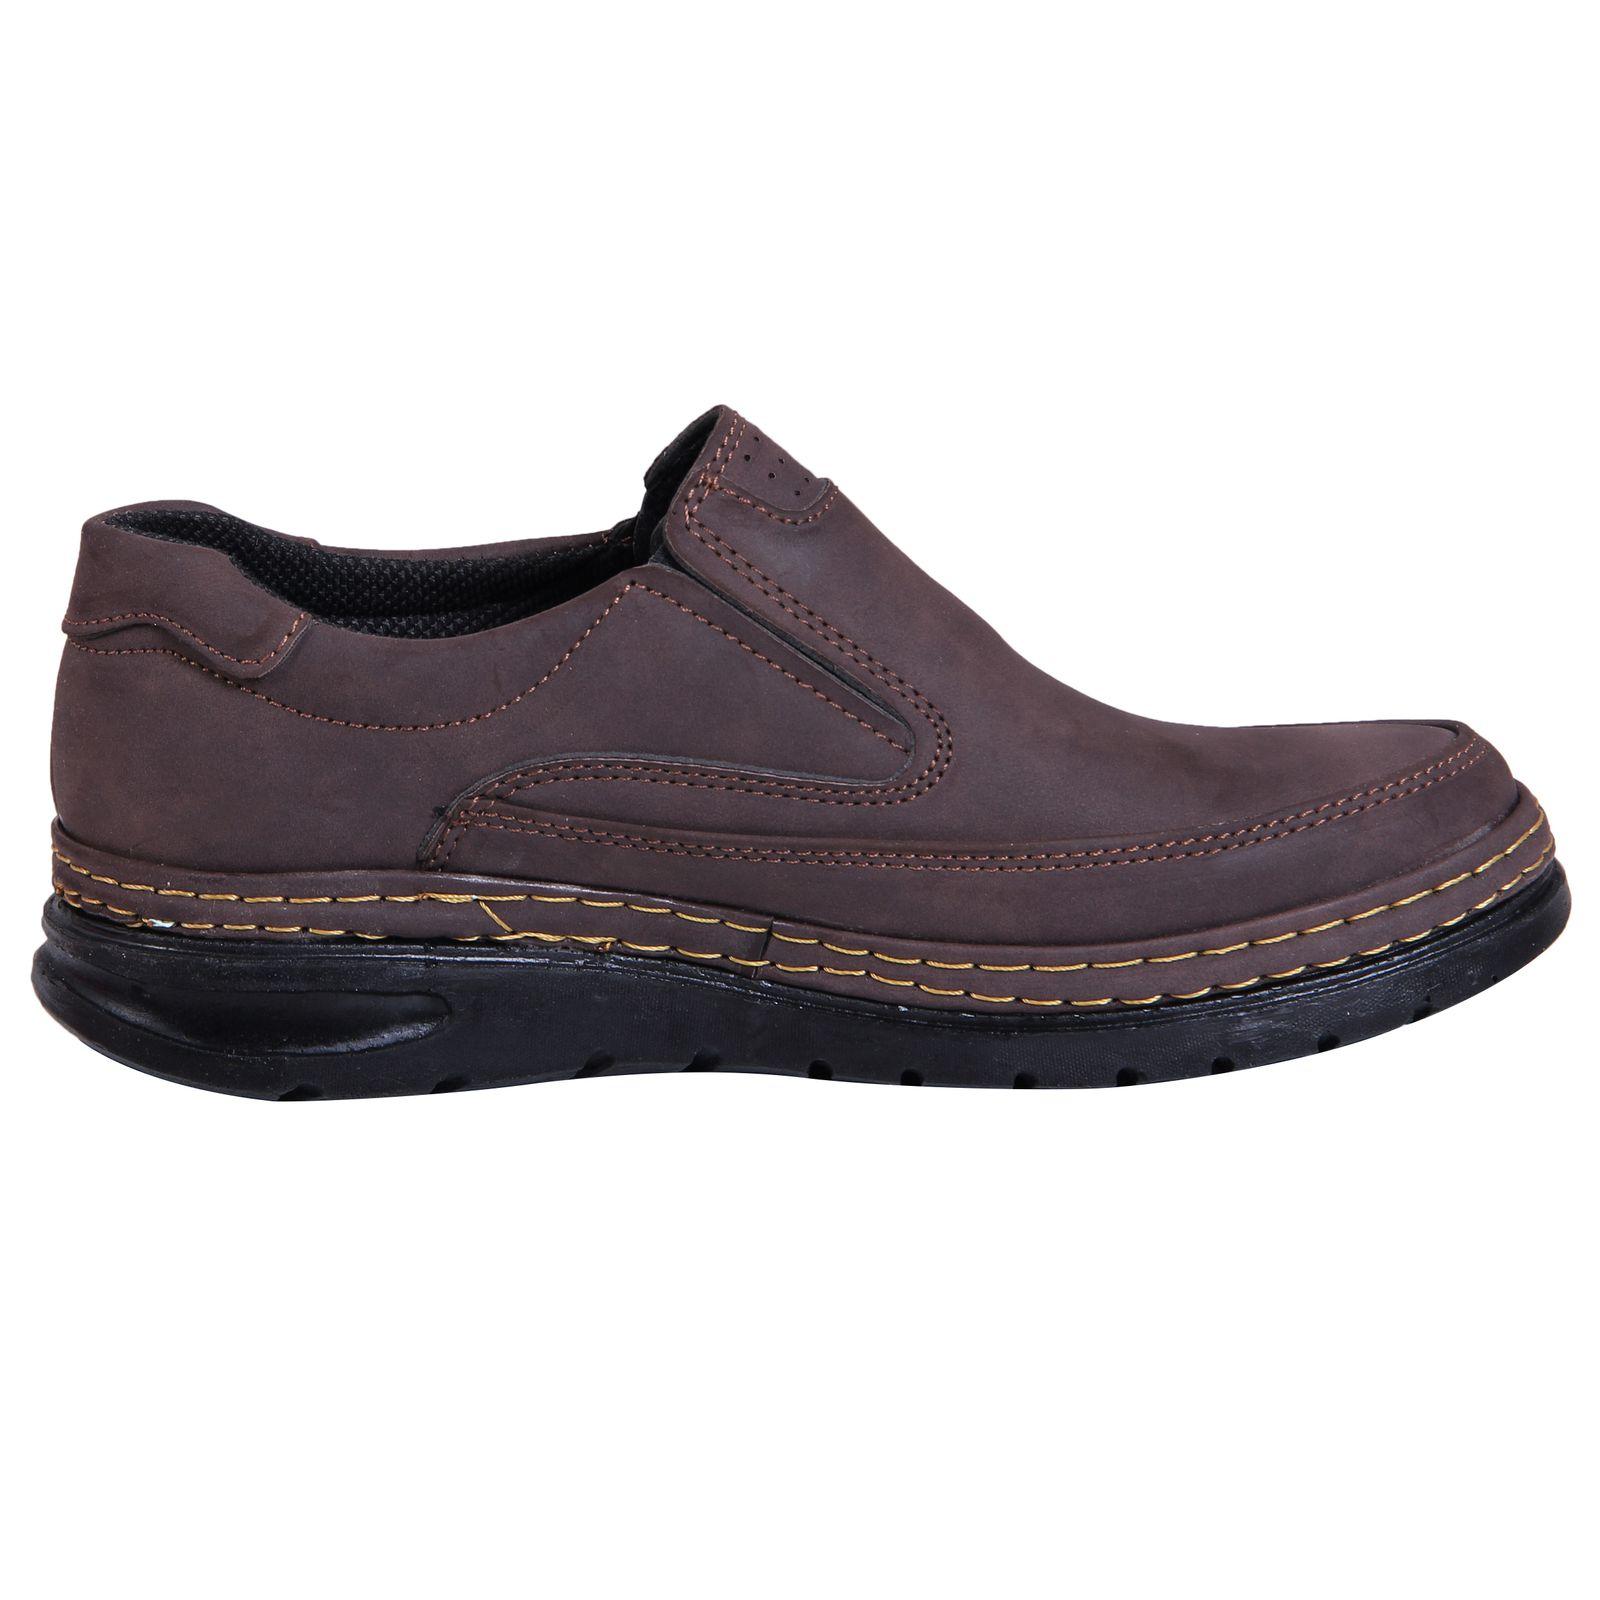 کفش روزمره مردانه کد 3-39973 -  - 2